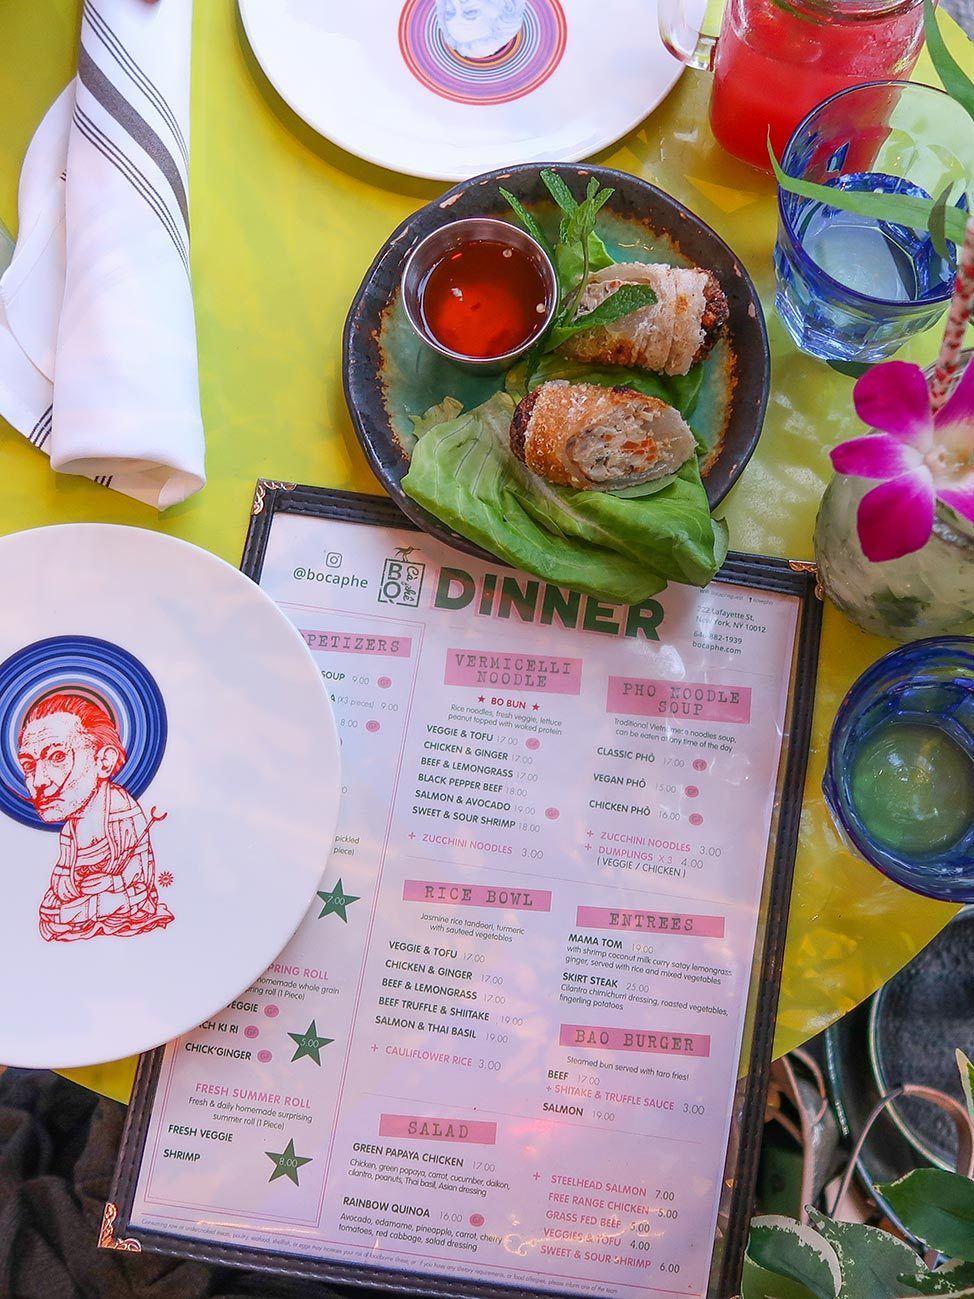 Dinner at BoCaphe New York